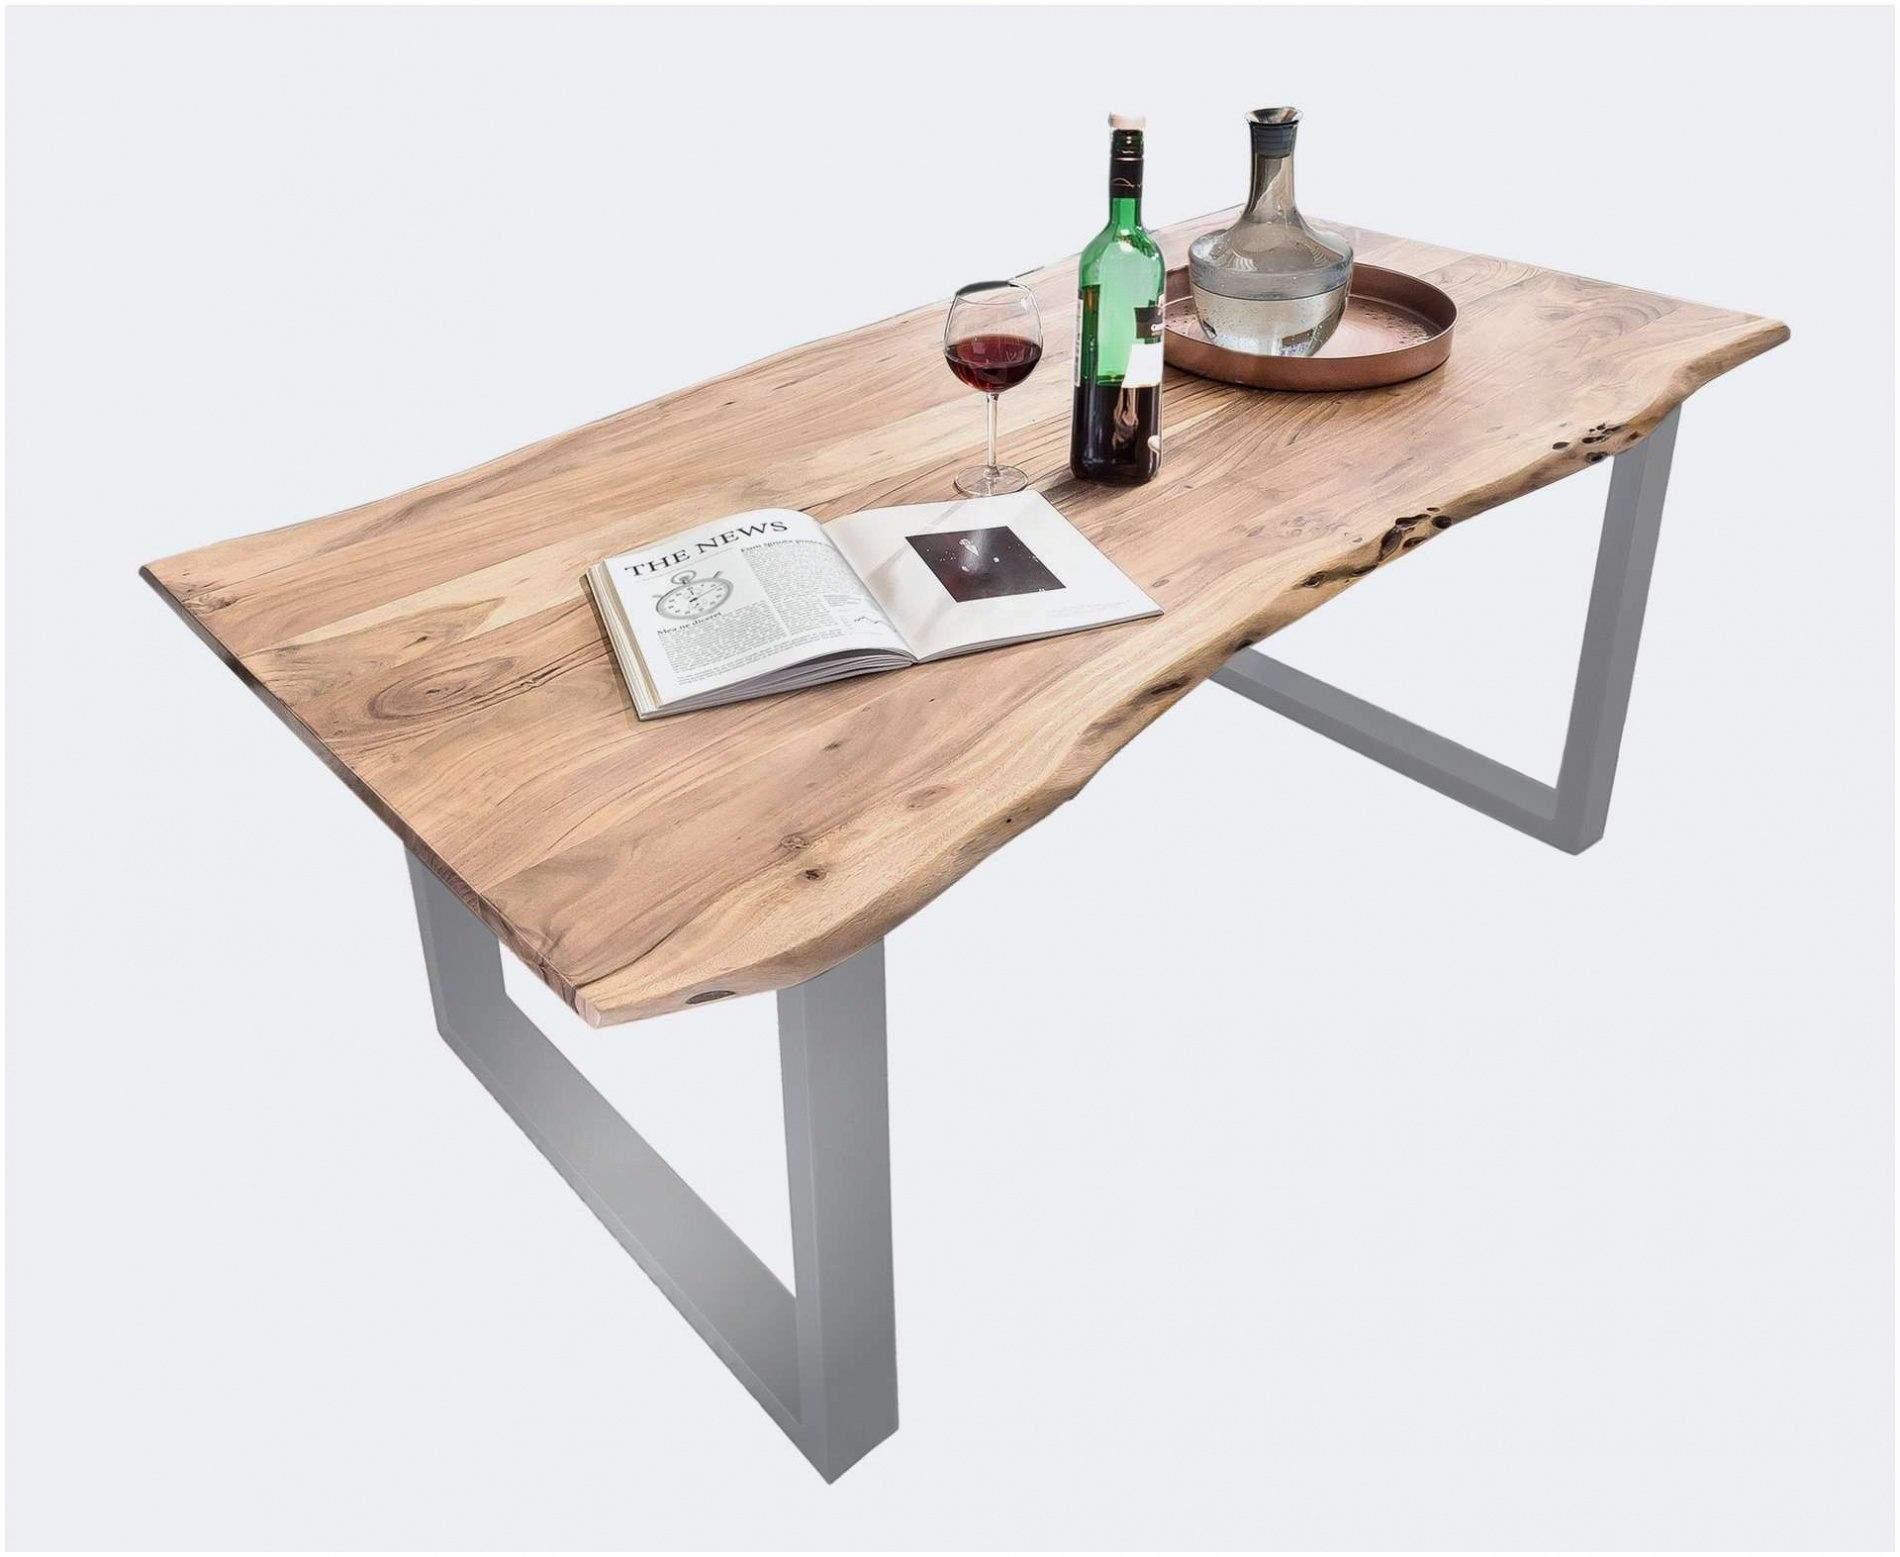 Full Size of Gartentisch Ikea Tisch Wohnzimmer Inspirierend 28 Das Beste Von Miniküche Küche Kaufen Kosten Sofa Mit Schlaffunktion Betten 160x200 Modulküche Bei Wohnzimmer Gartentisch Ikea